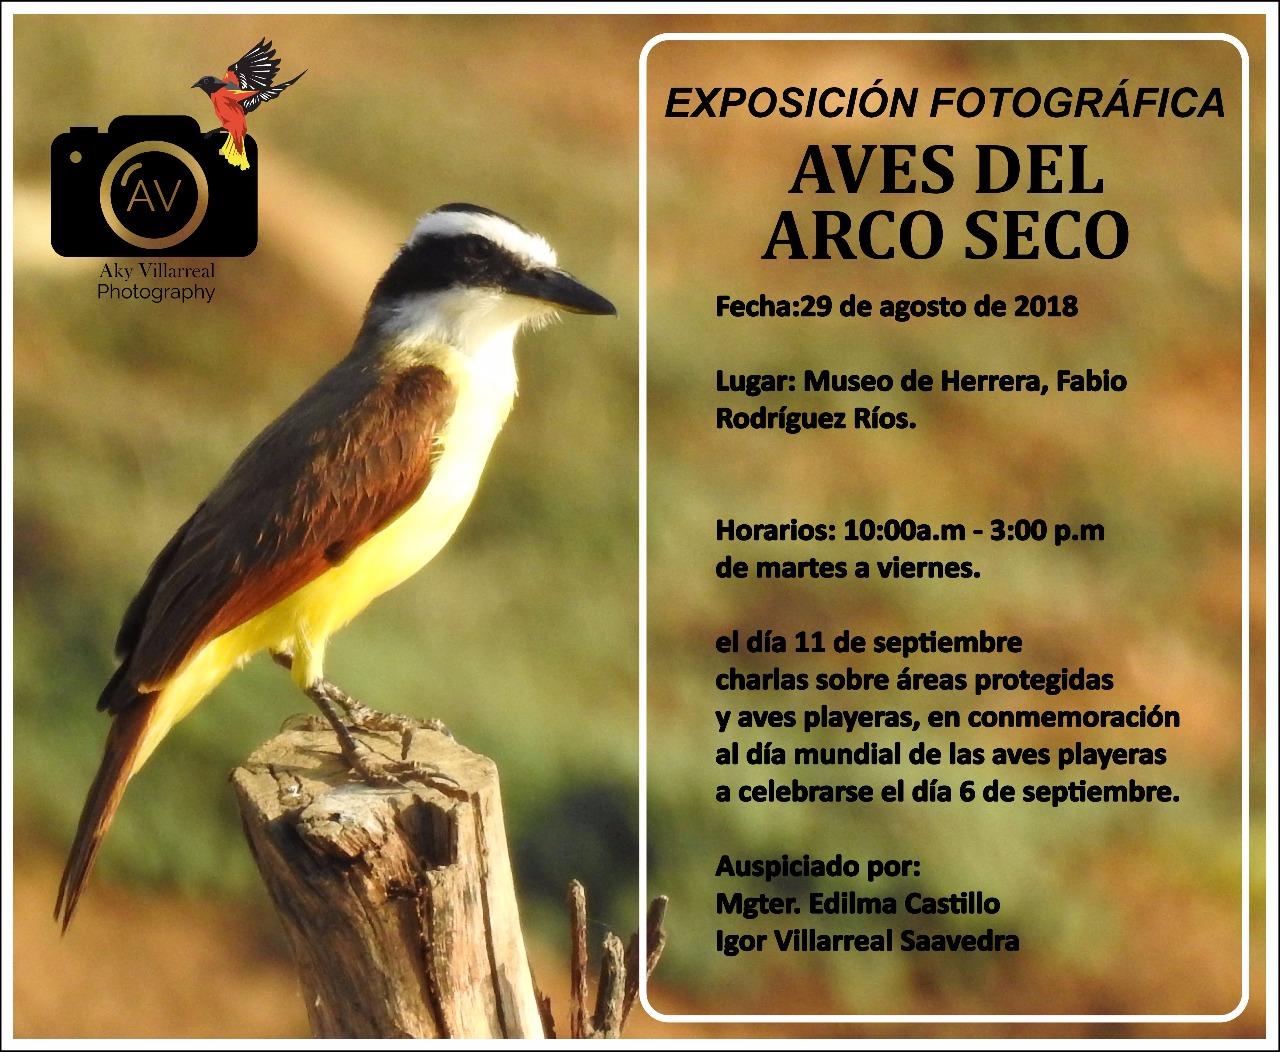 EXPOSICIÓN FOTOGRÁFICA AVES DEL ARCO SECO EN EL MUSEO DE HERRERA HASTA EL 29 DE SEPTIEMBRE